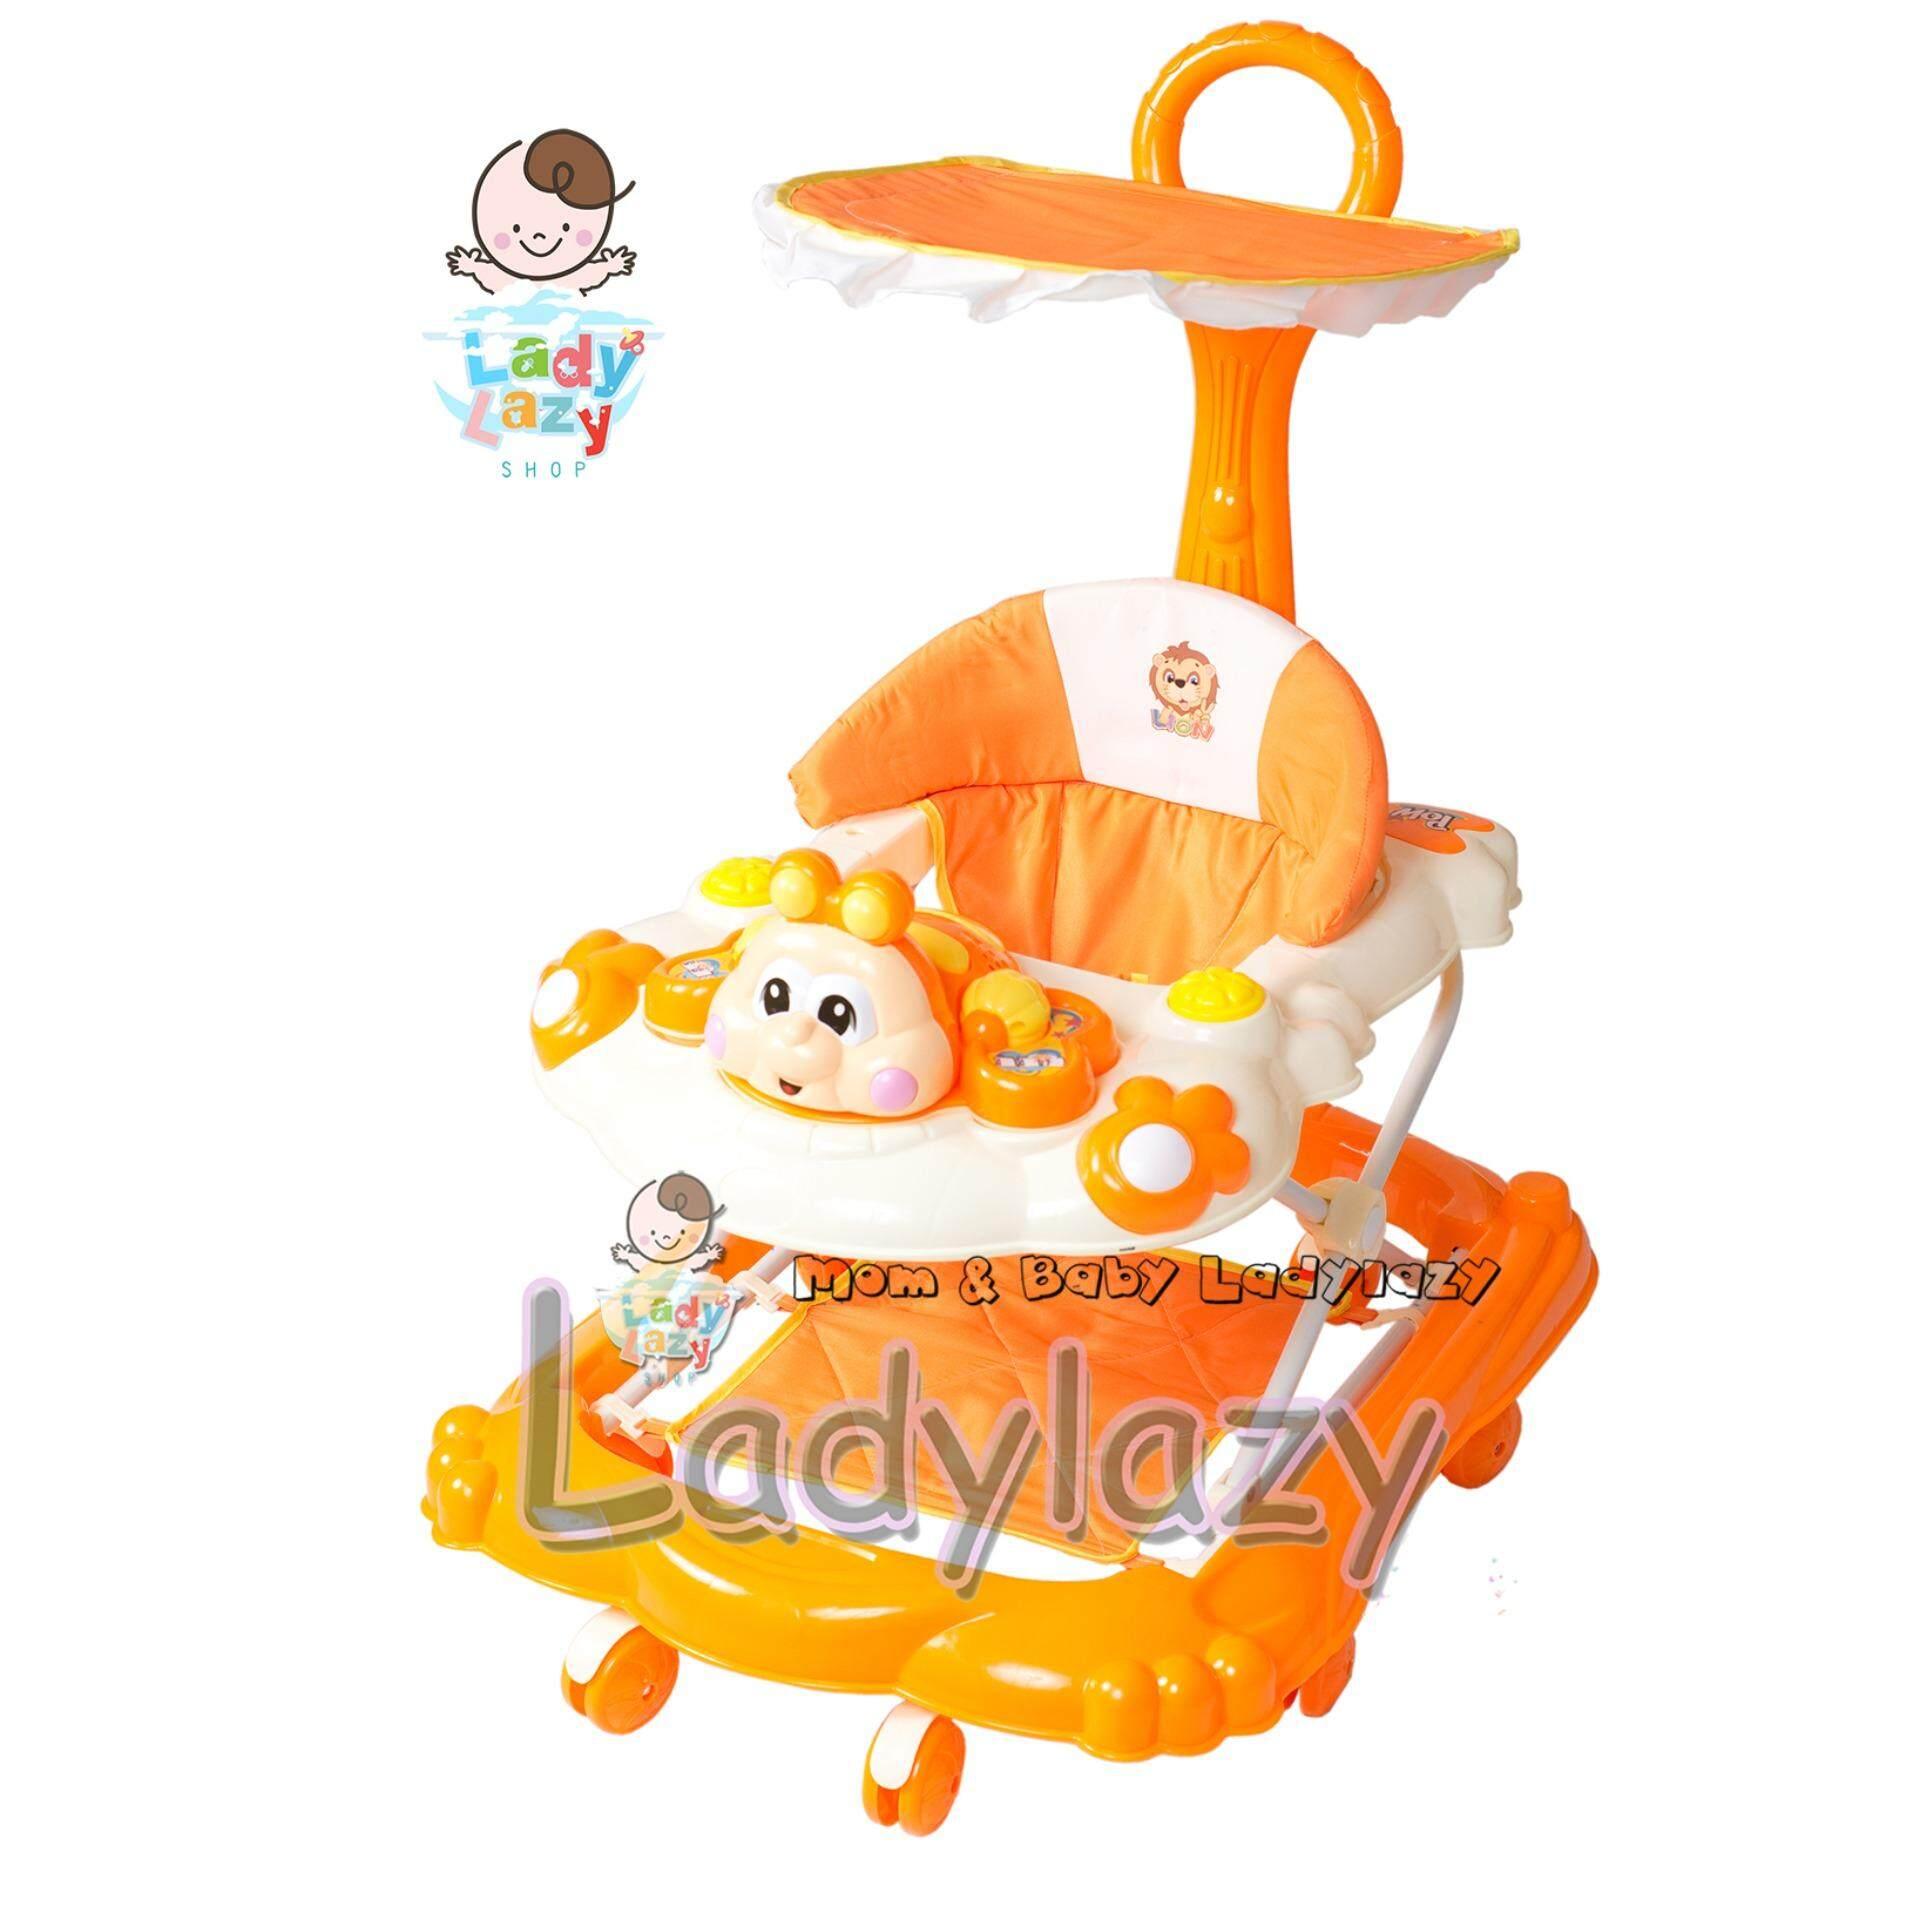 ราคา Ladylazy รถเด็กหัดเดิน ปรับได้ 4 ระดับ ลายผึ้งน้อย สีส้ม Lion เป็นต้นฉบับ